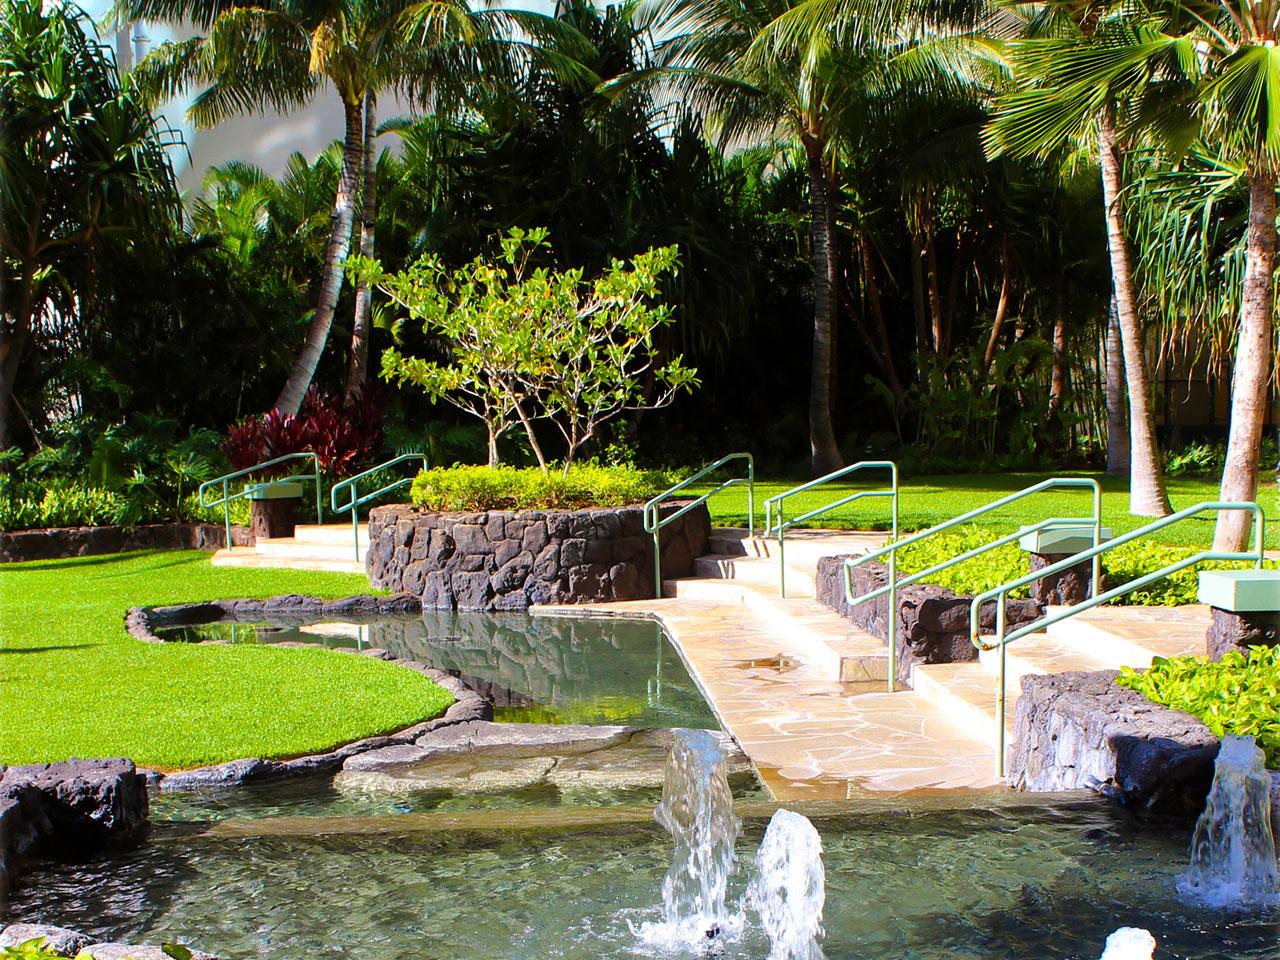 Allure Waikiki #2805 | アルーアワイキキ #2805